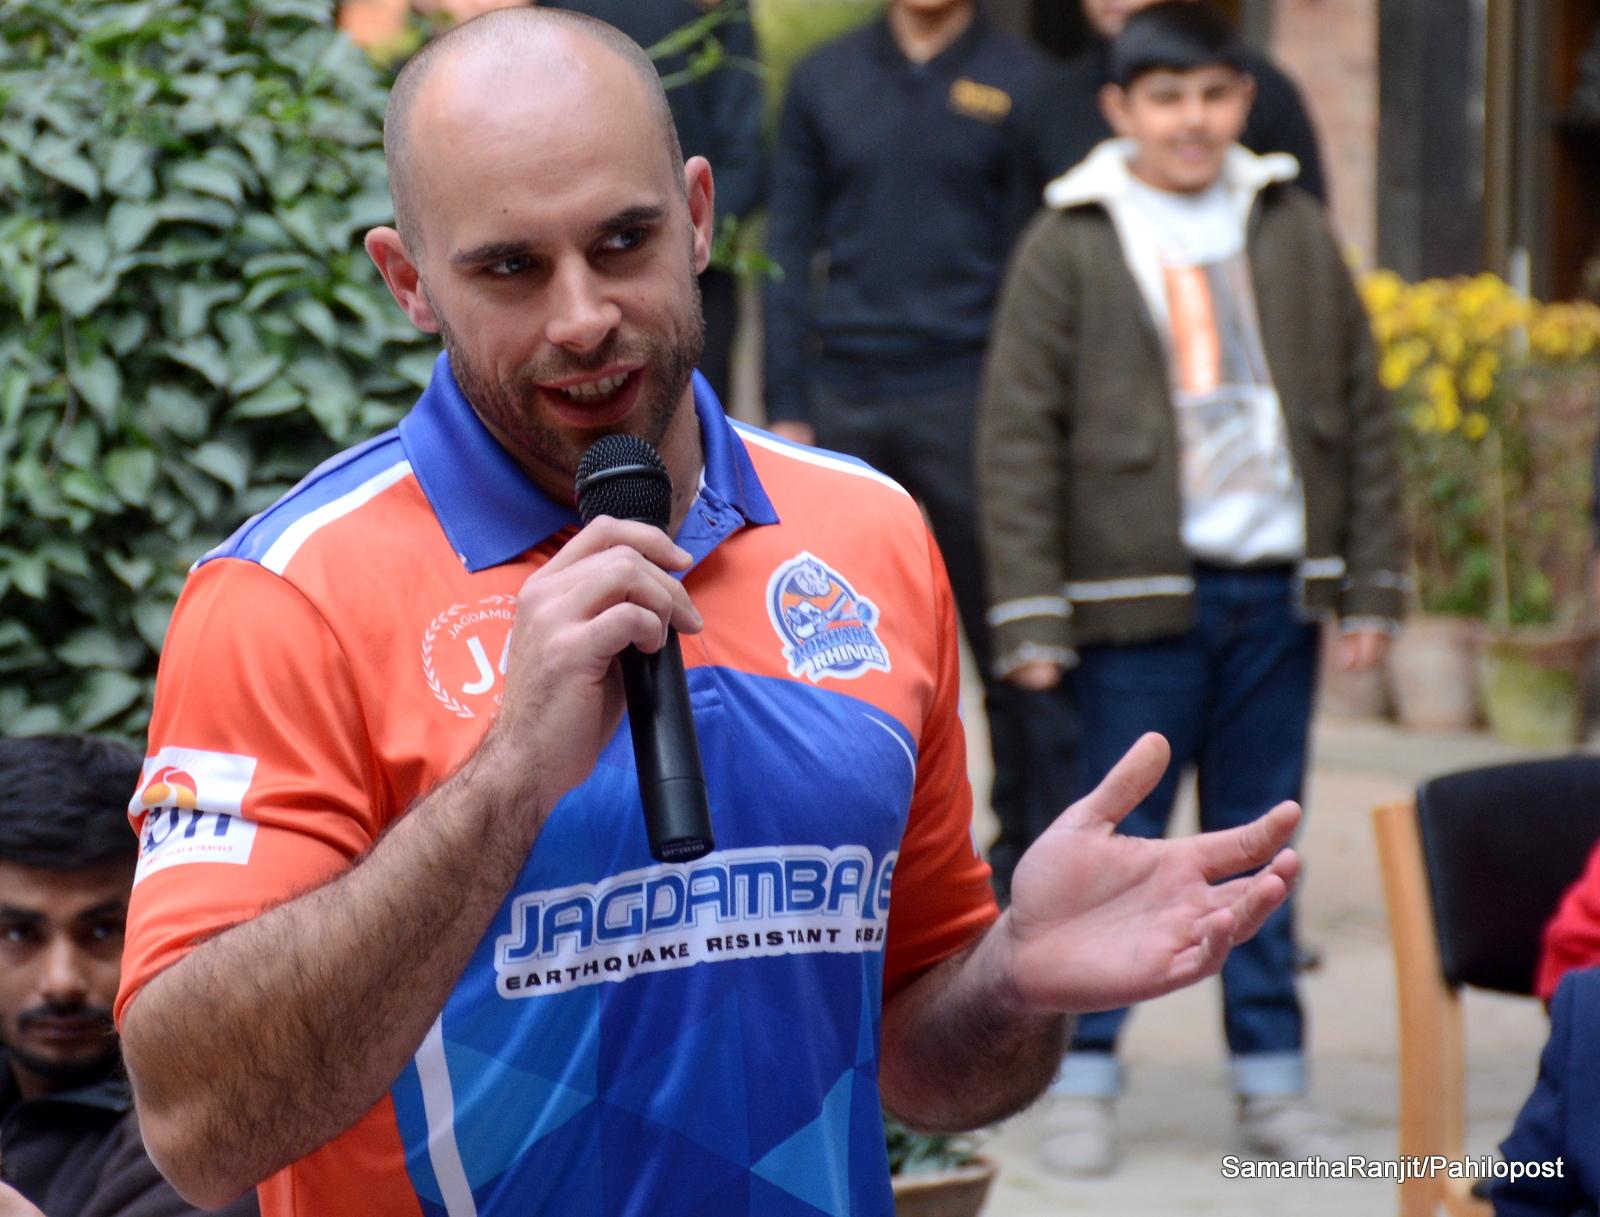 इपीएलमा पोखरा राइनोजको कप्तानी विदेशी खेलाडी कोत्जरले गर्ने